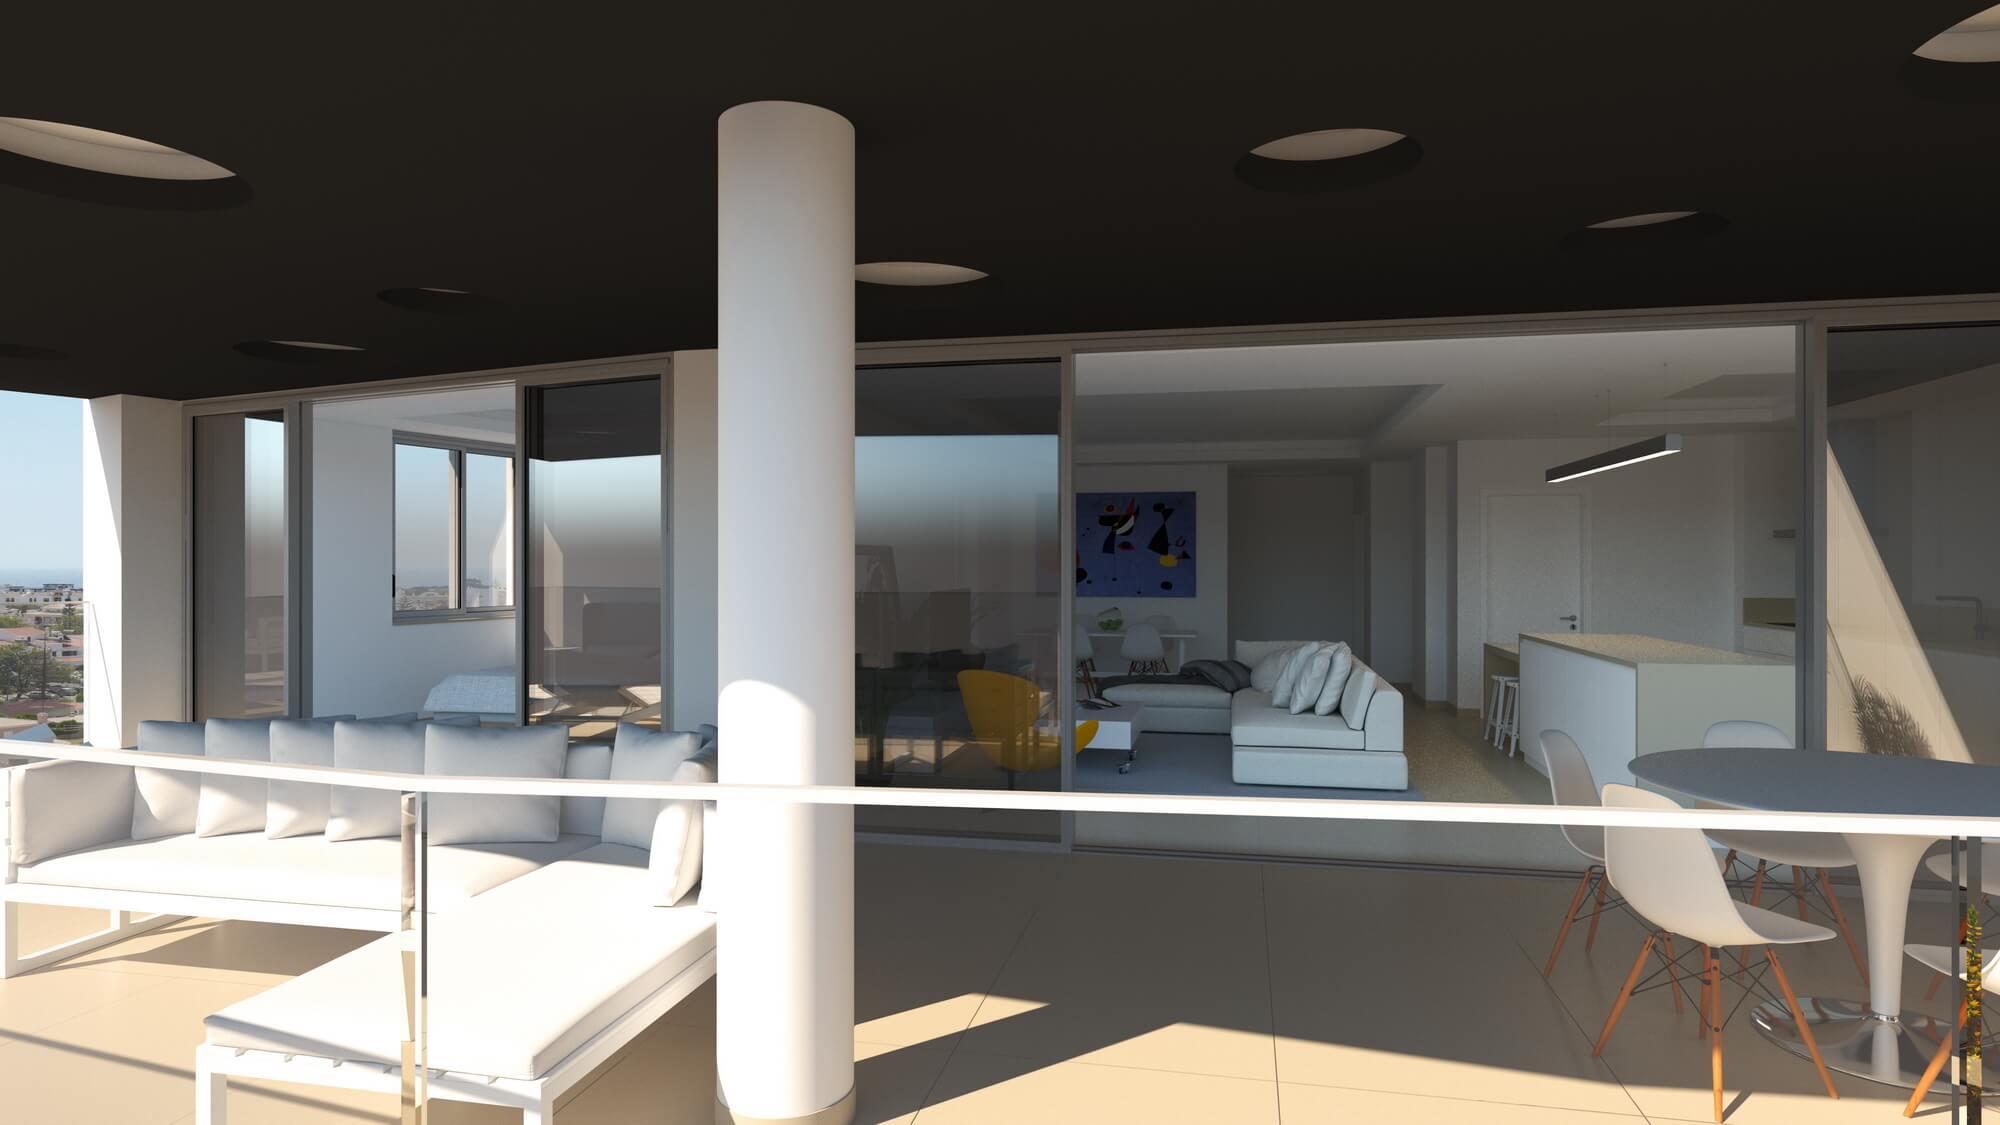 Tout nouveau penthouse de 5 chambres à Lagos  - Algarve